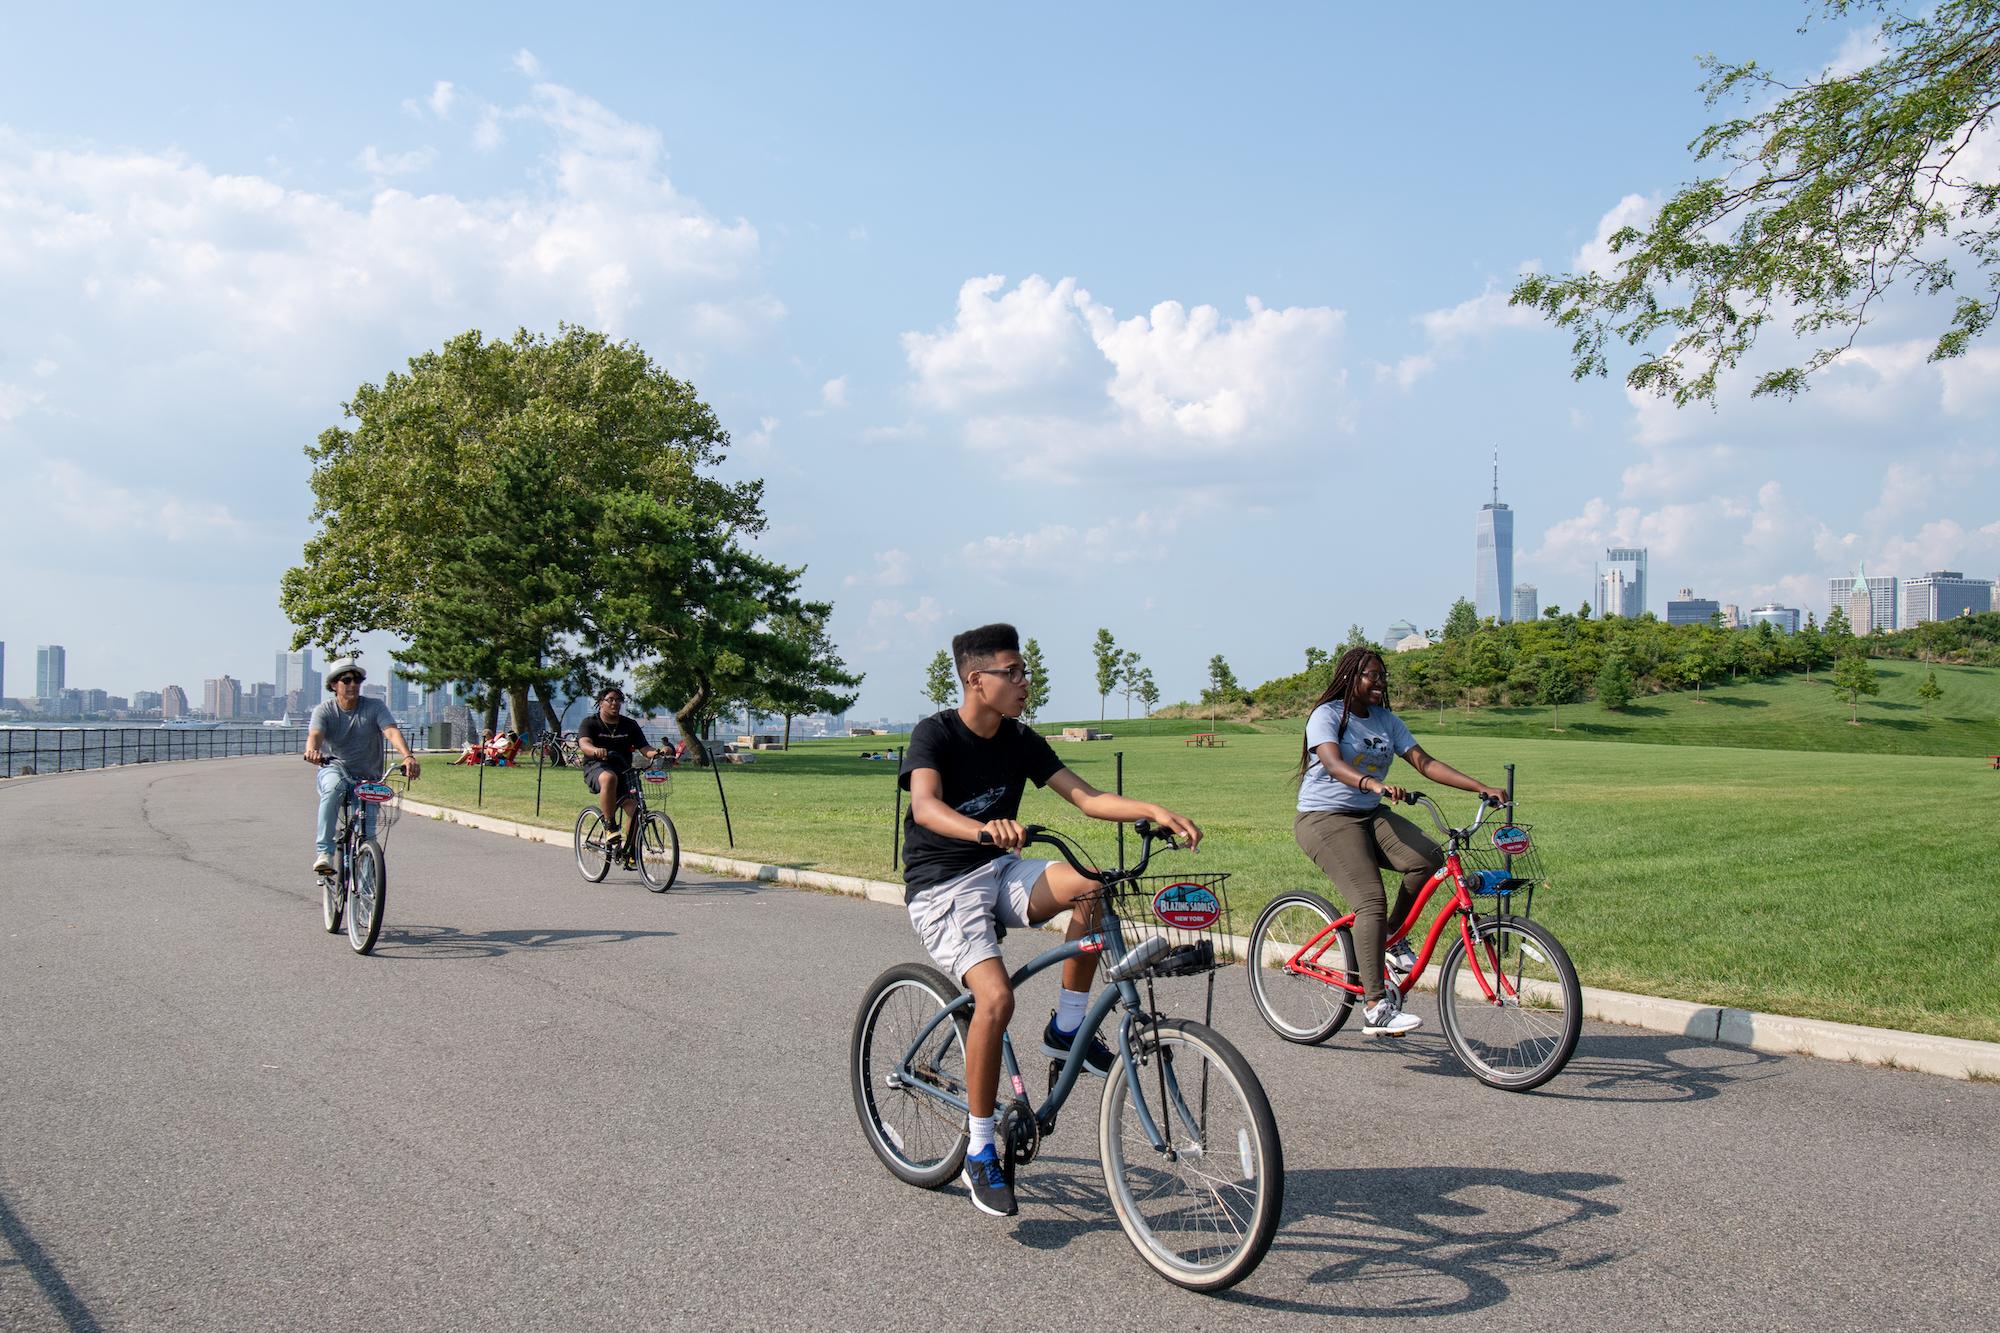 people biking in park